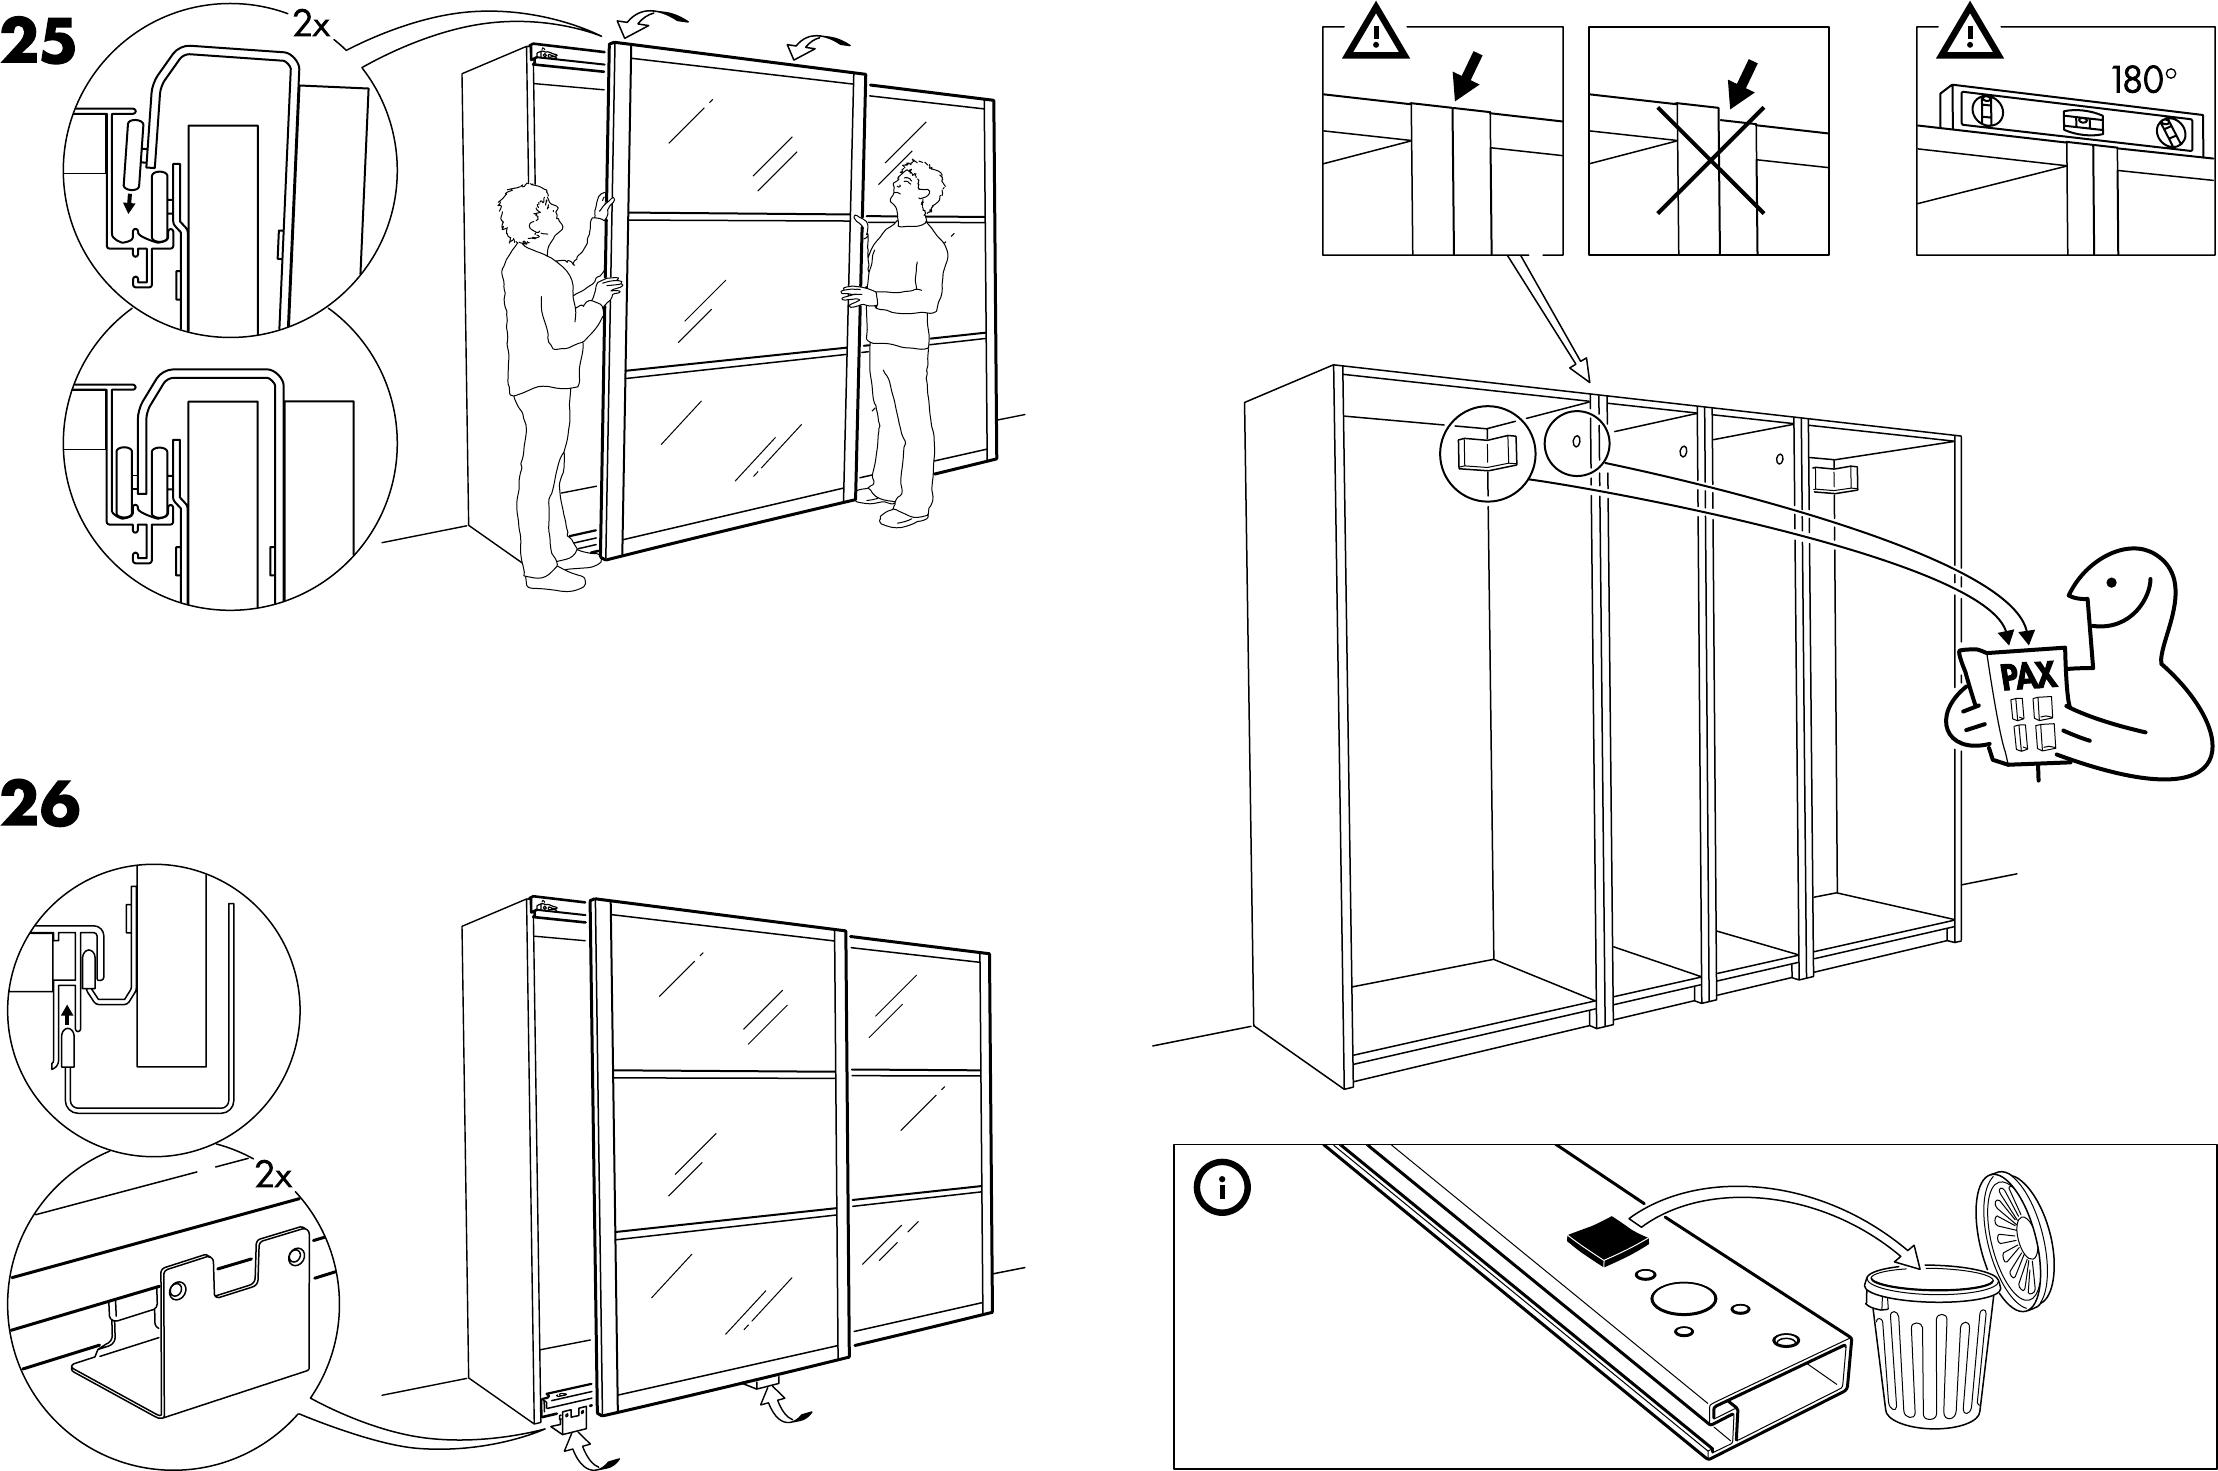 Grundtal Towel Stand From Ikea ~ Handleiding Ikea Pax stordal schuifdeuren (pagina 5 van 12) (Dansk